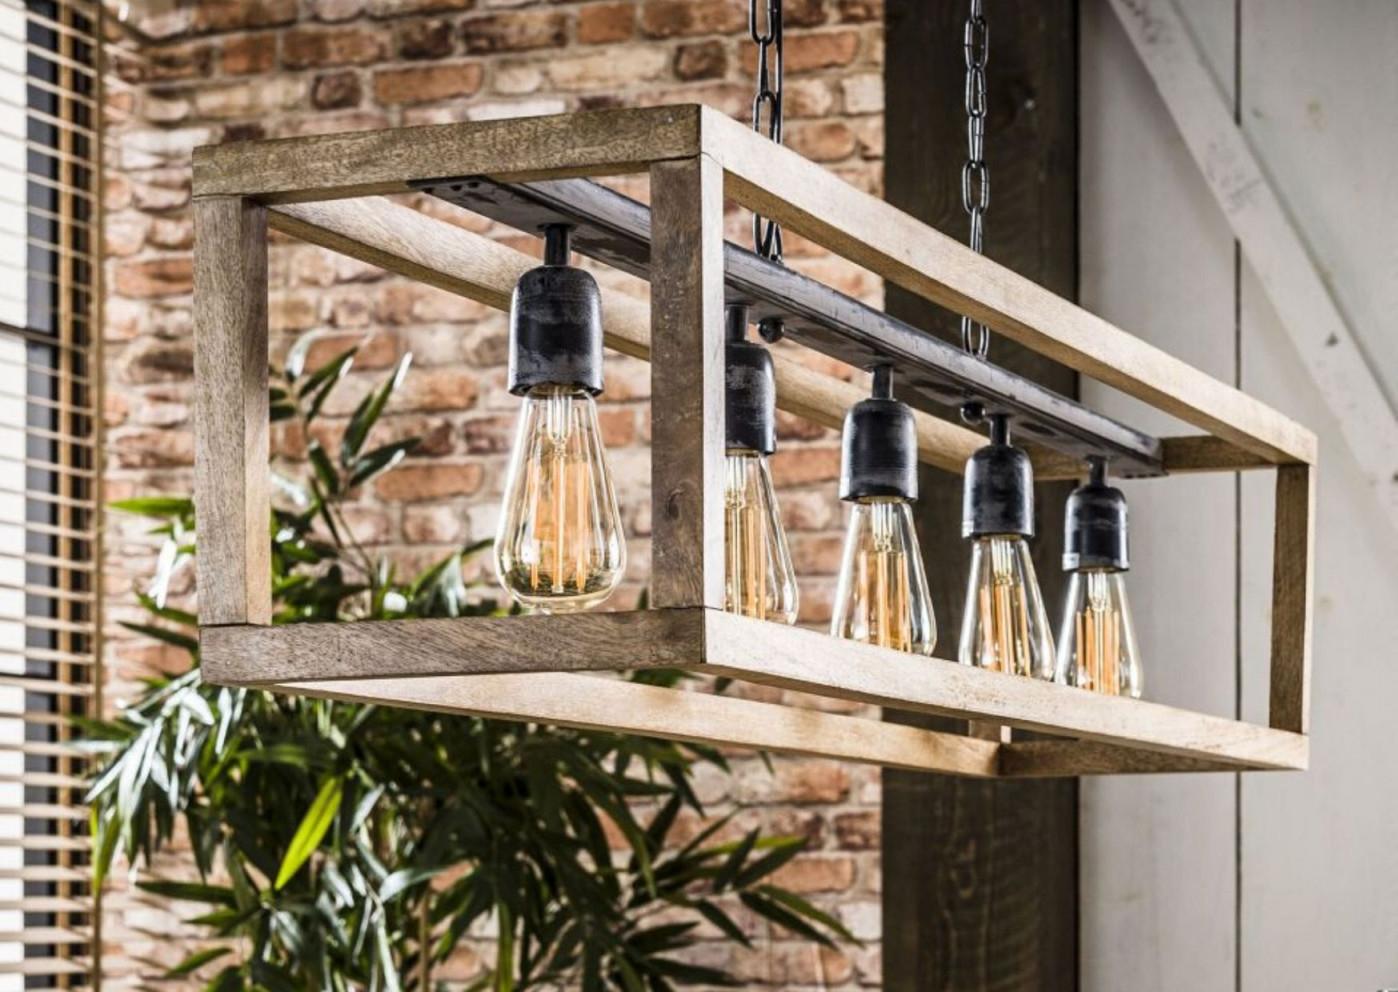 Indirekte Beleuchtung Wohnzimmer Holz – Caseconrad von Holz Lampe Wohnzimmer Photo